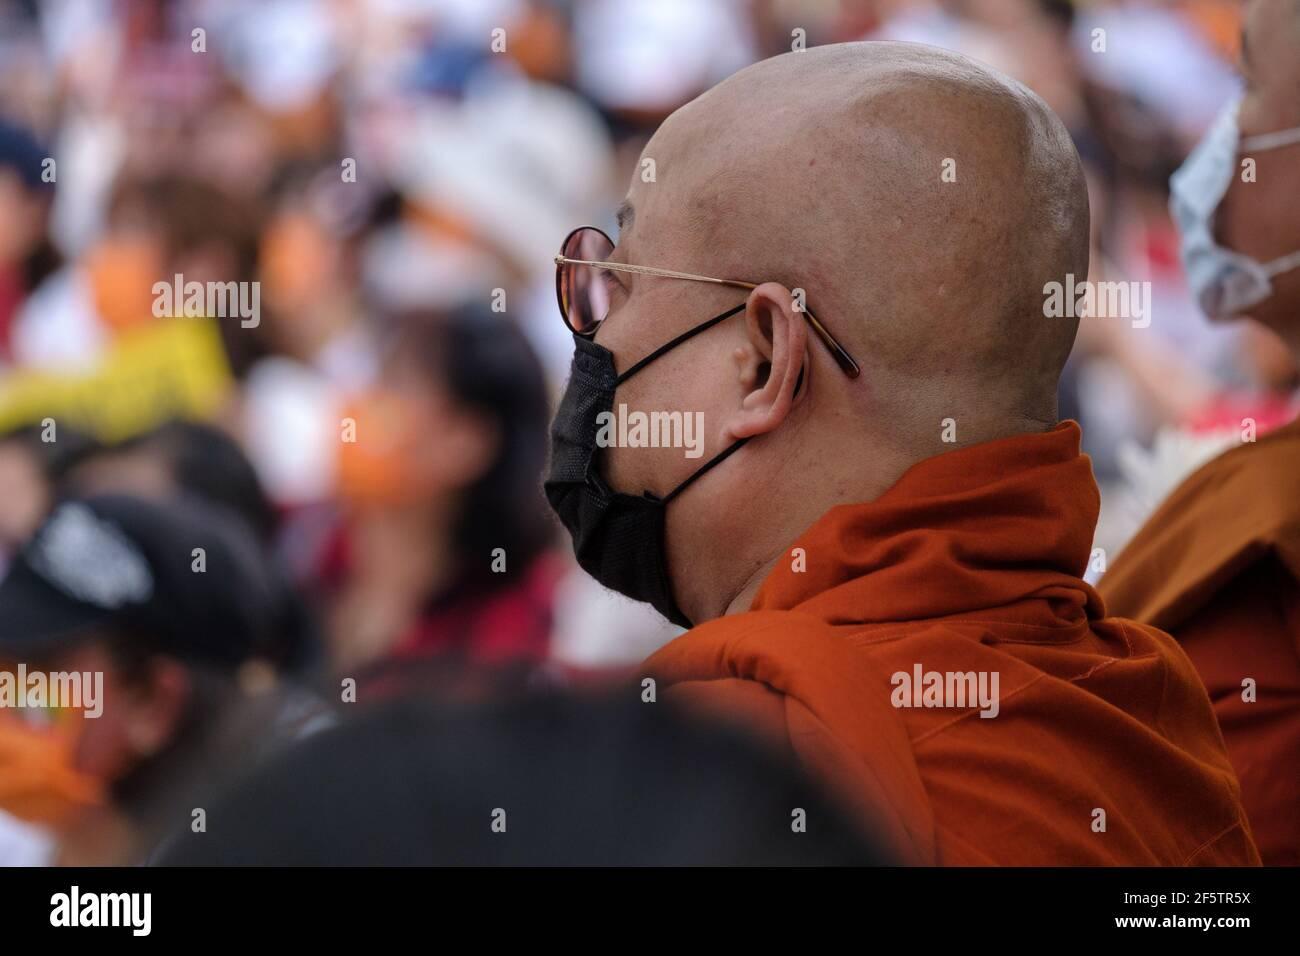 Les leaders bouddhistes religieux sont vus en réciter une prière pendant la manifestation.birmans vivant à Taiwan avec les communautés locales rassemblées sur la place de la liberté pour appeler à la fin du coup d'État militaire au Myanmar. La police et les militaires du Myanmar (tatmadow) ont attaqué les manifestants avec des balles en caoutchouc, des munitions réelles, des gaz lacrymogènes et des bombes lacrymogènes en réponse aux manifestants anti-coup d'État militaire qui ont tué samedi au Myanmar plus de 100 personnes et en ont blessé beaucoup d'autres. Au moins 300 personnes ont été tuées au Myanmar depuis le coup d'État du 1er février, a déclaré un responsable des droits de l'homme de l'ONU. La milit du Myanmar Banque D'Images